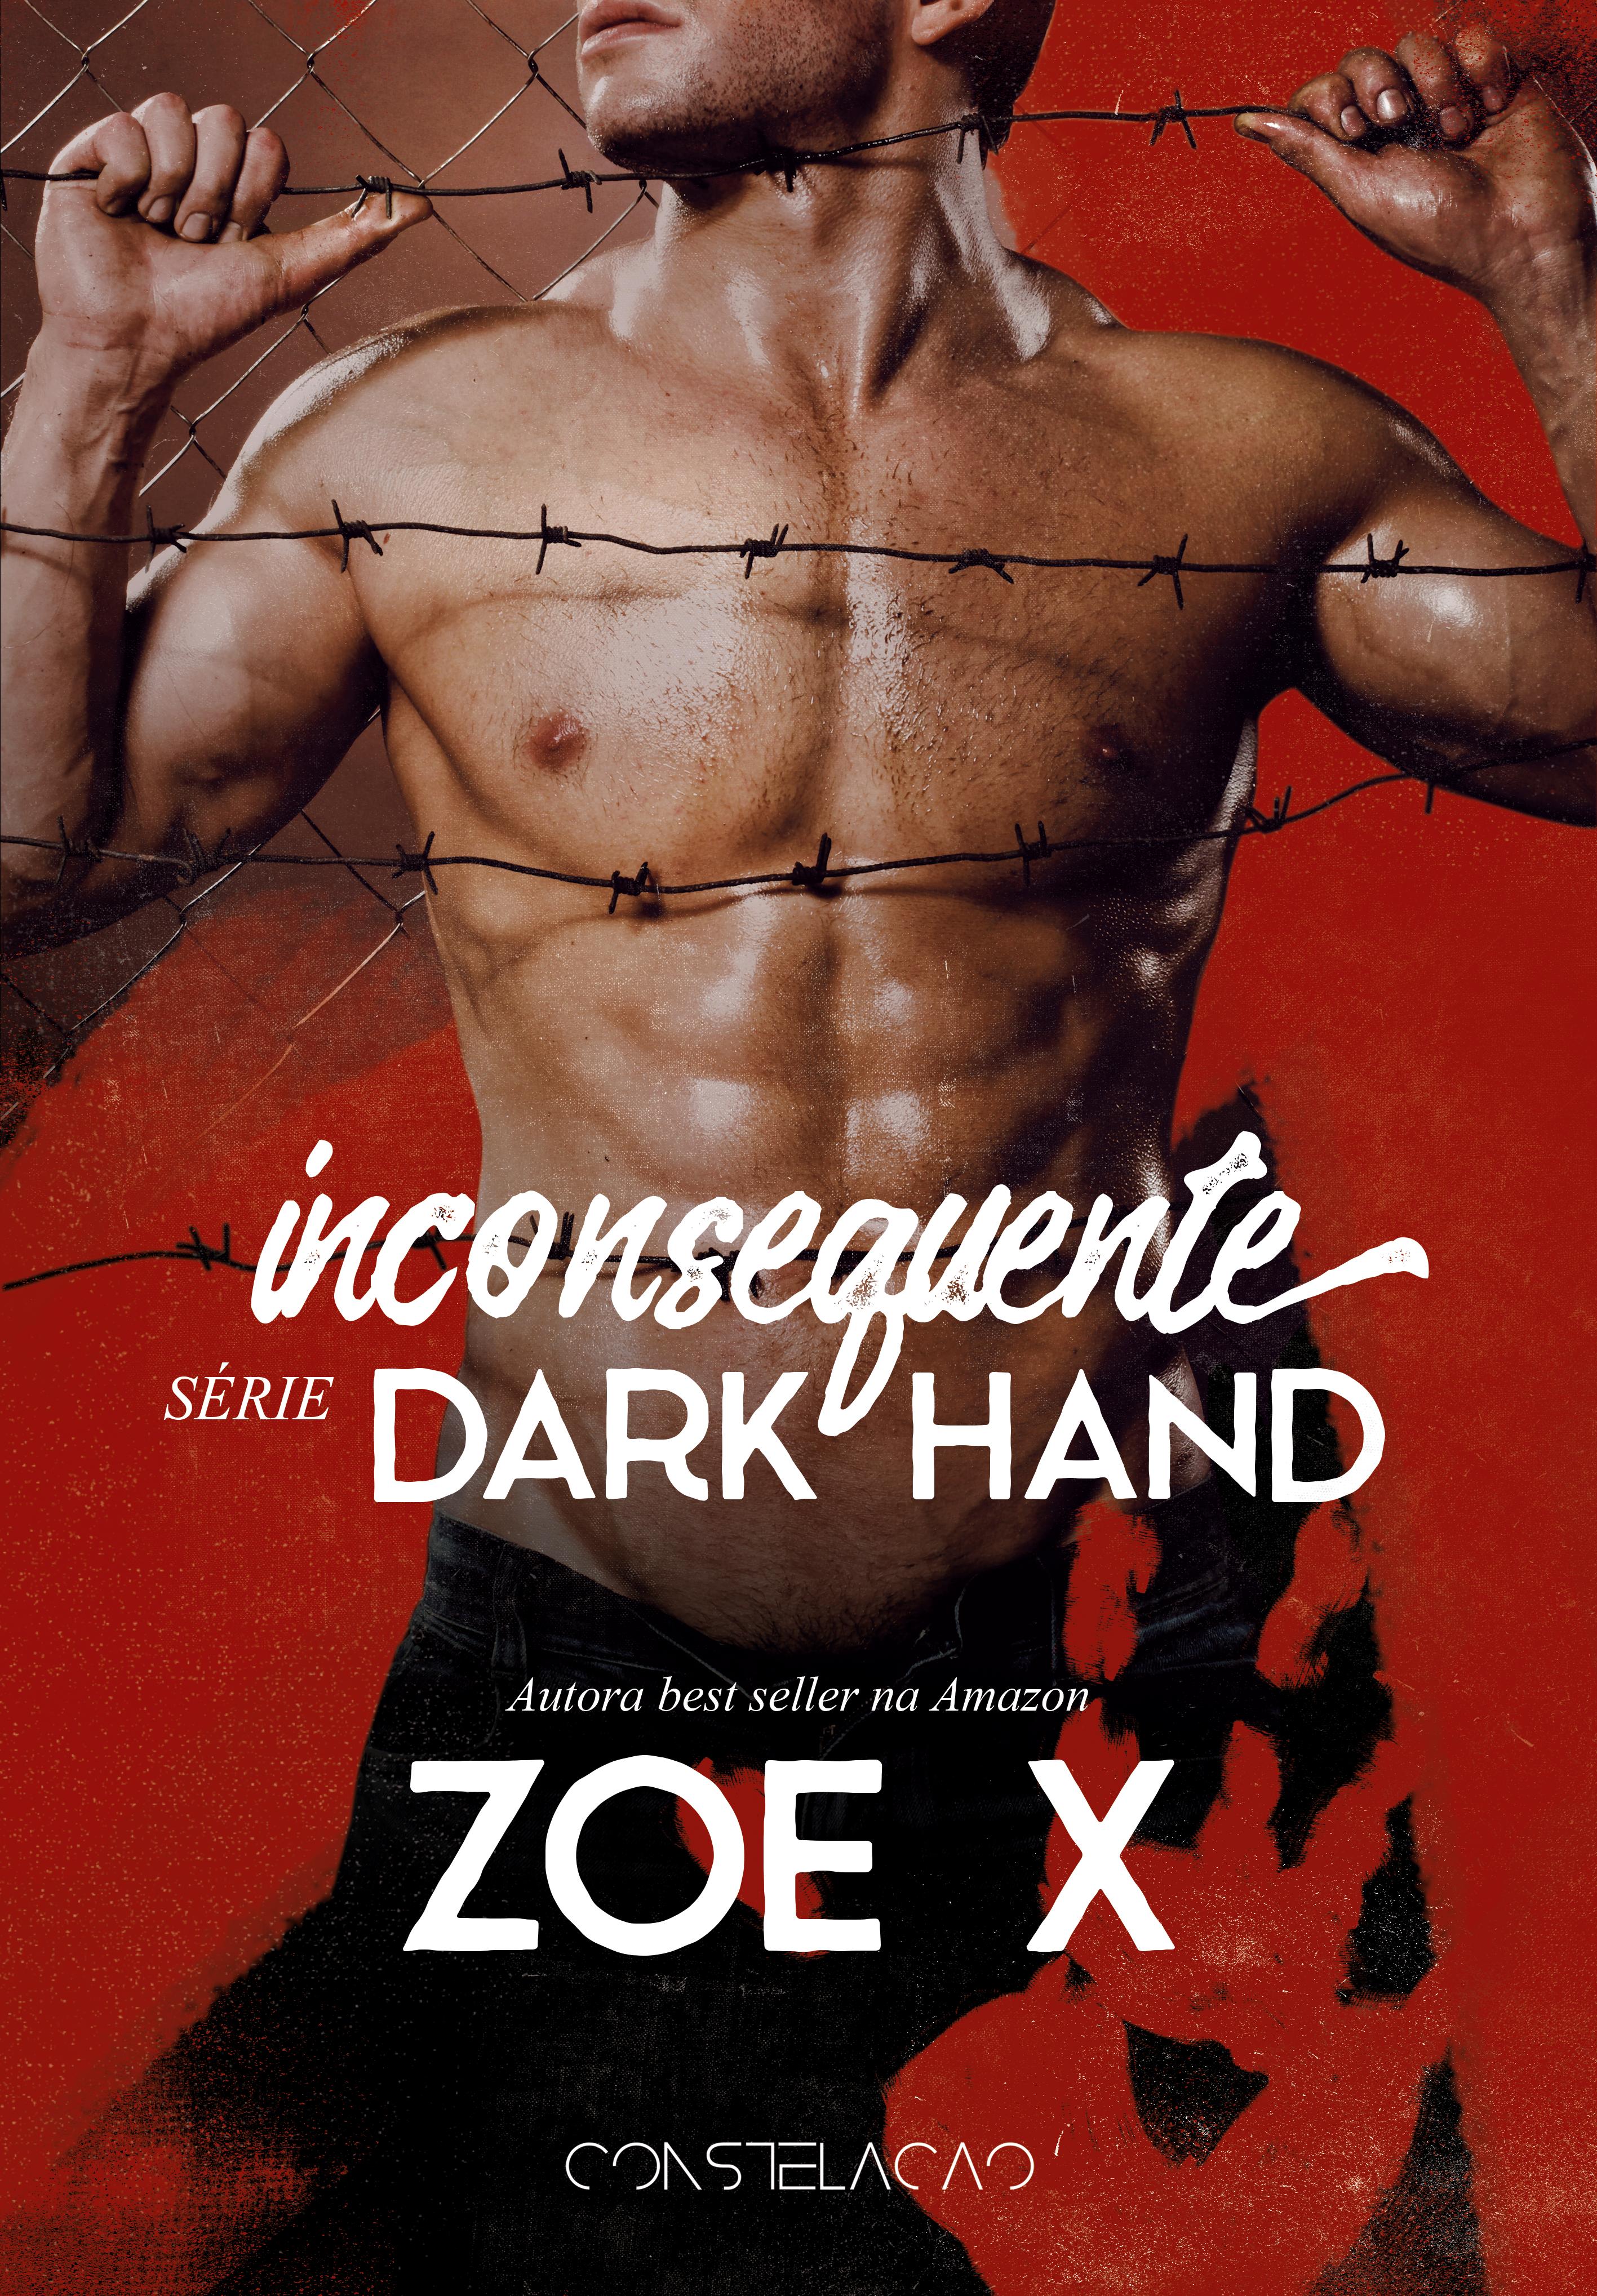 Livro de dark romance será lançado no café Trampolim na Consolação